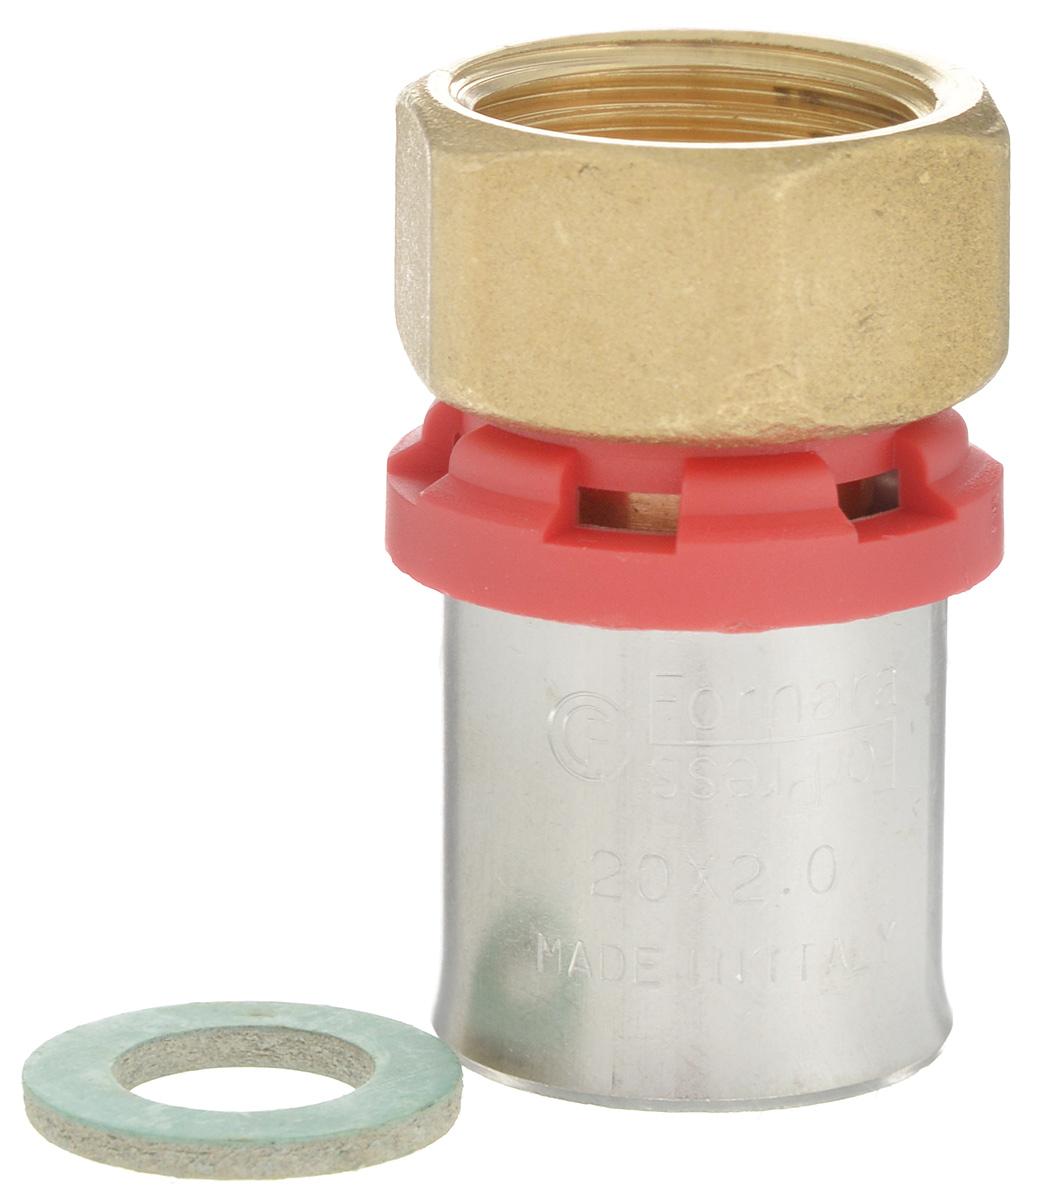 Соединитель Fornara под пресс, п - нг, 20 x 1/2ИС.100326Соединитель под пресс Fornara представляет собой элемент трубопровода, обеспечивающий соединение труб из разных материалов с компонентами системы. Изделие имеет переход на наружную резьбу, прочный, долговечный корпус из никелированной горячепрессованной латуни. Благодаря специальным насечкам уплотнительный материал соединителя хорошо удерживается при монтаже трубопроводной системы.